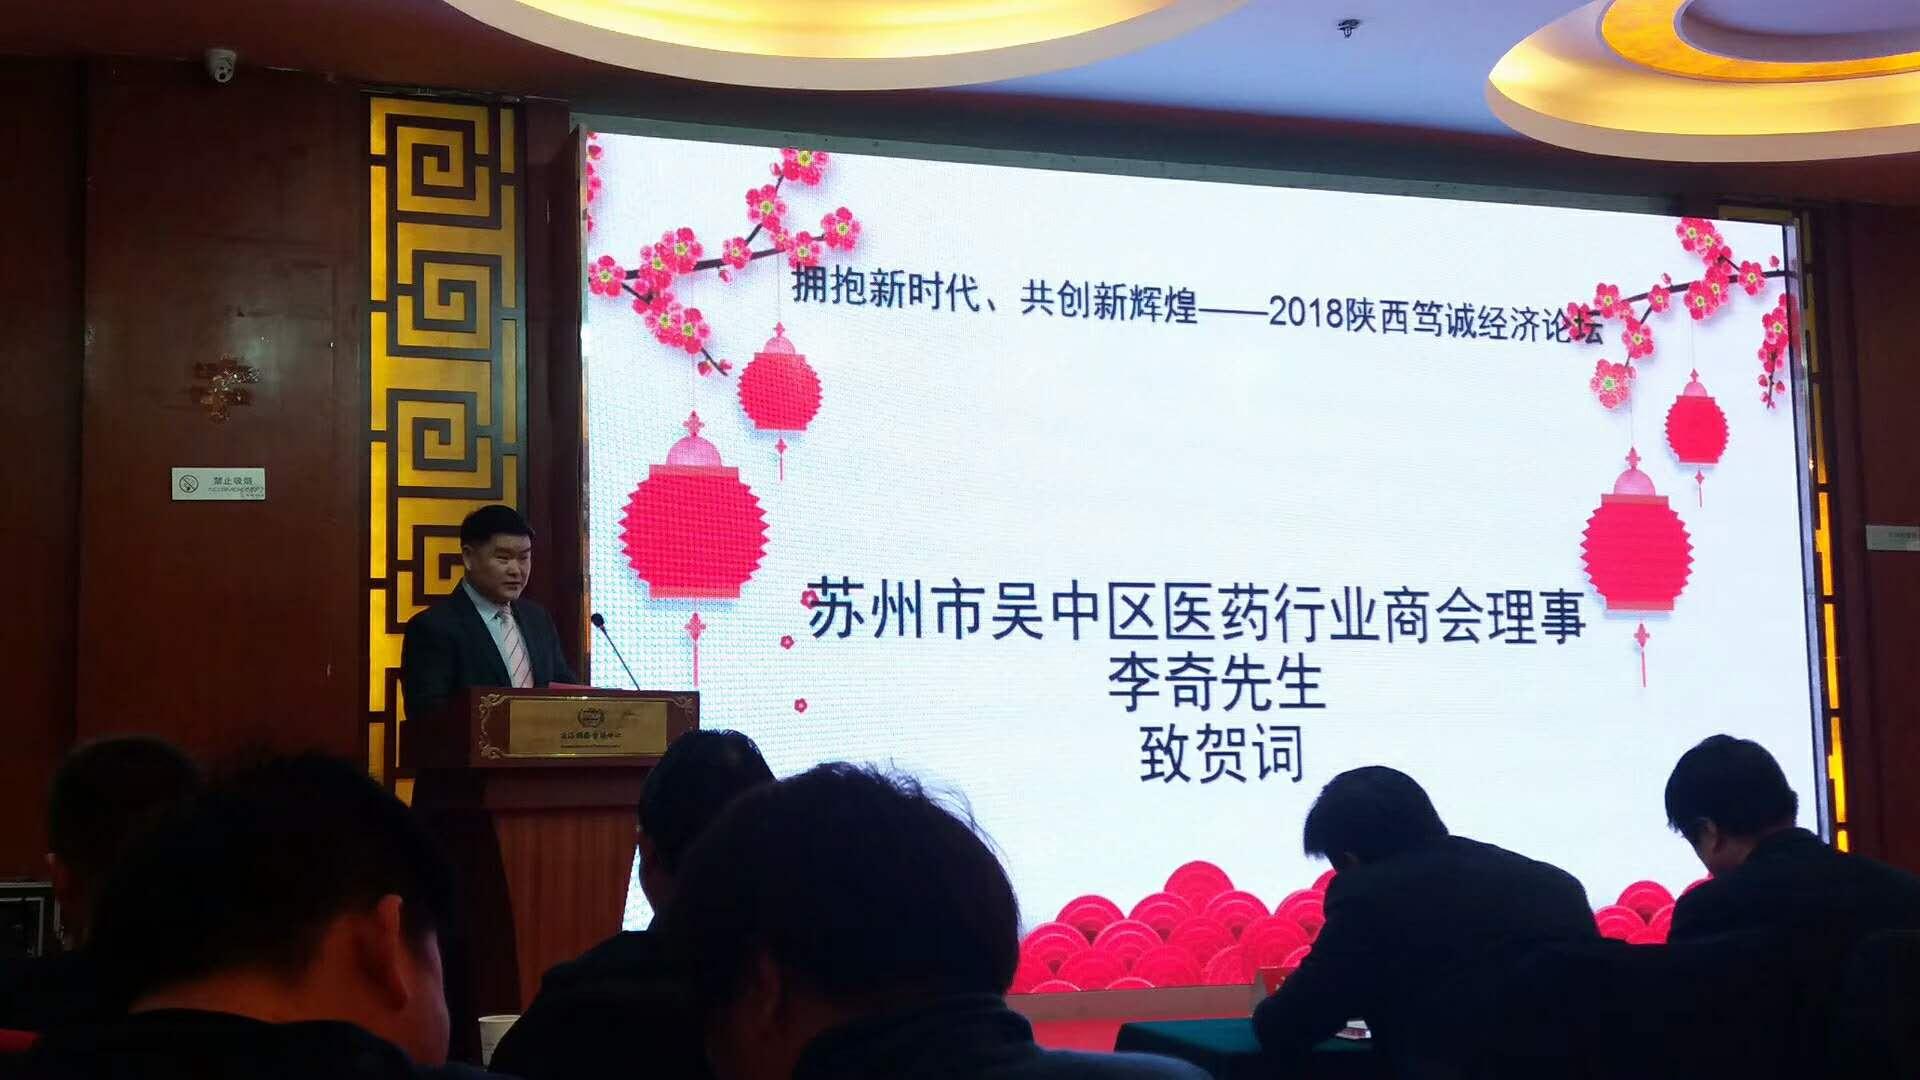 苏州金钻李琦参加2018年陕西督诚经济论坛